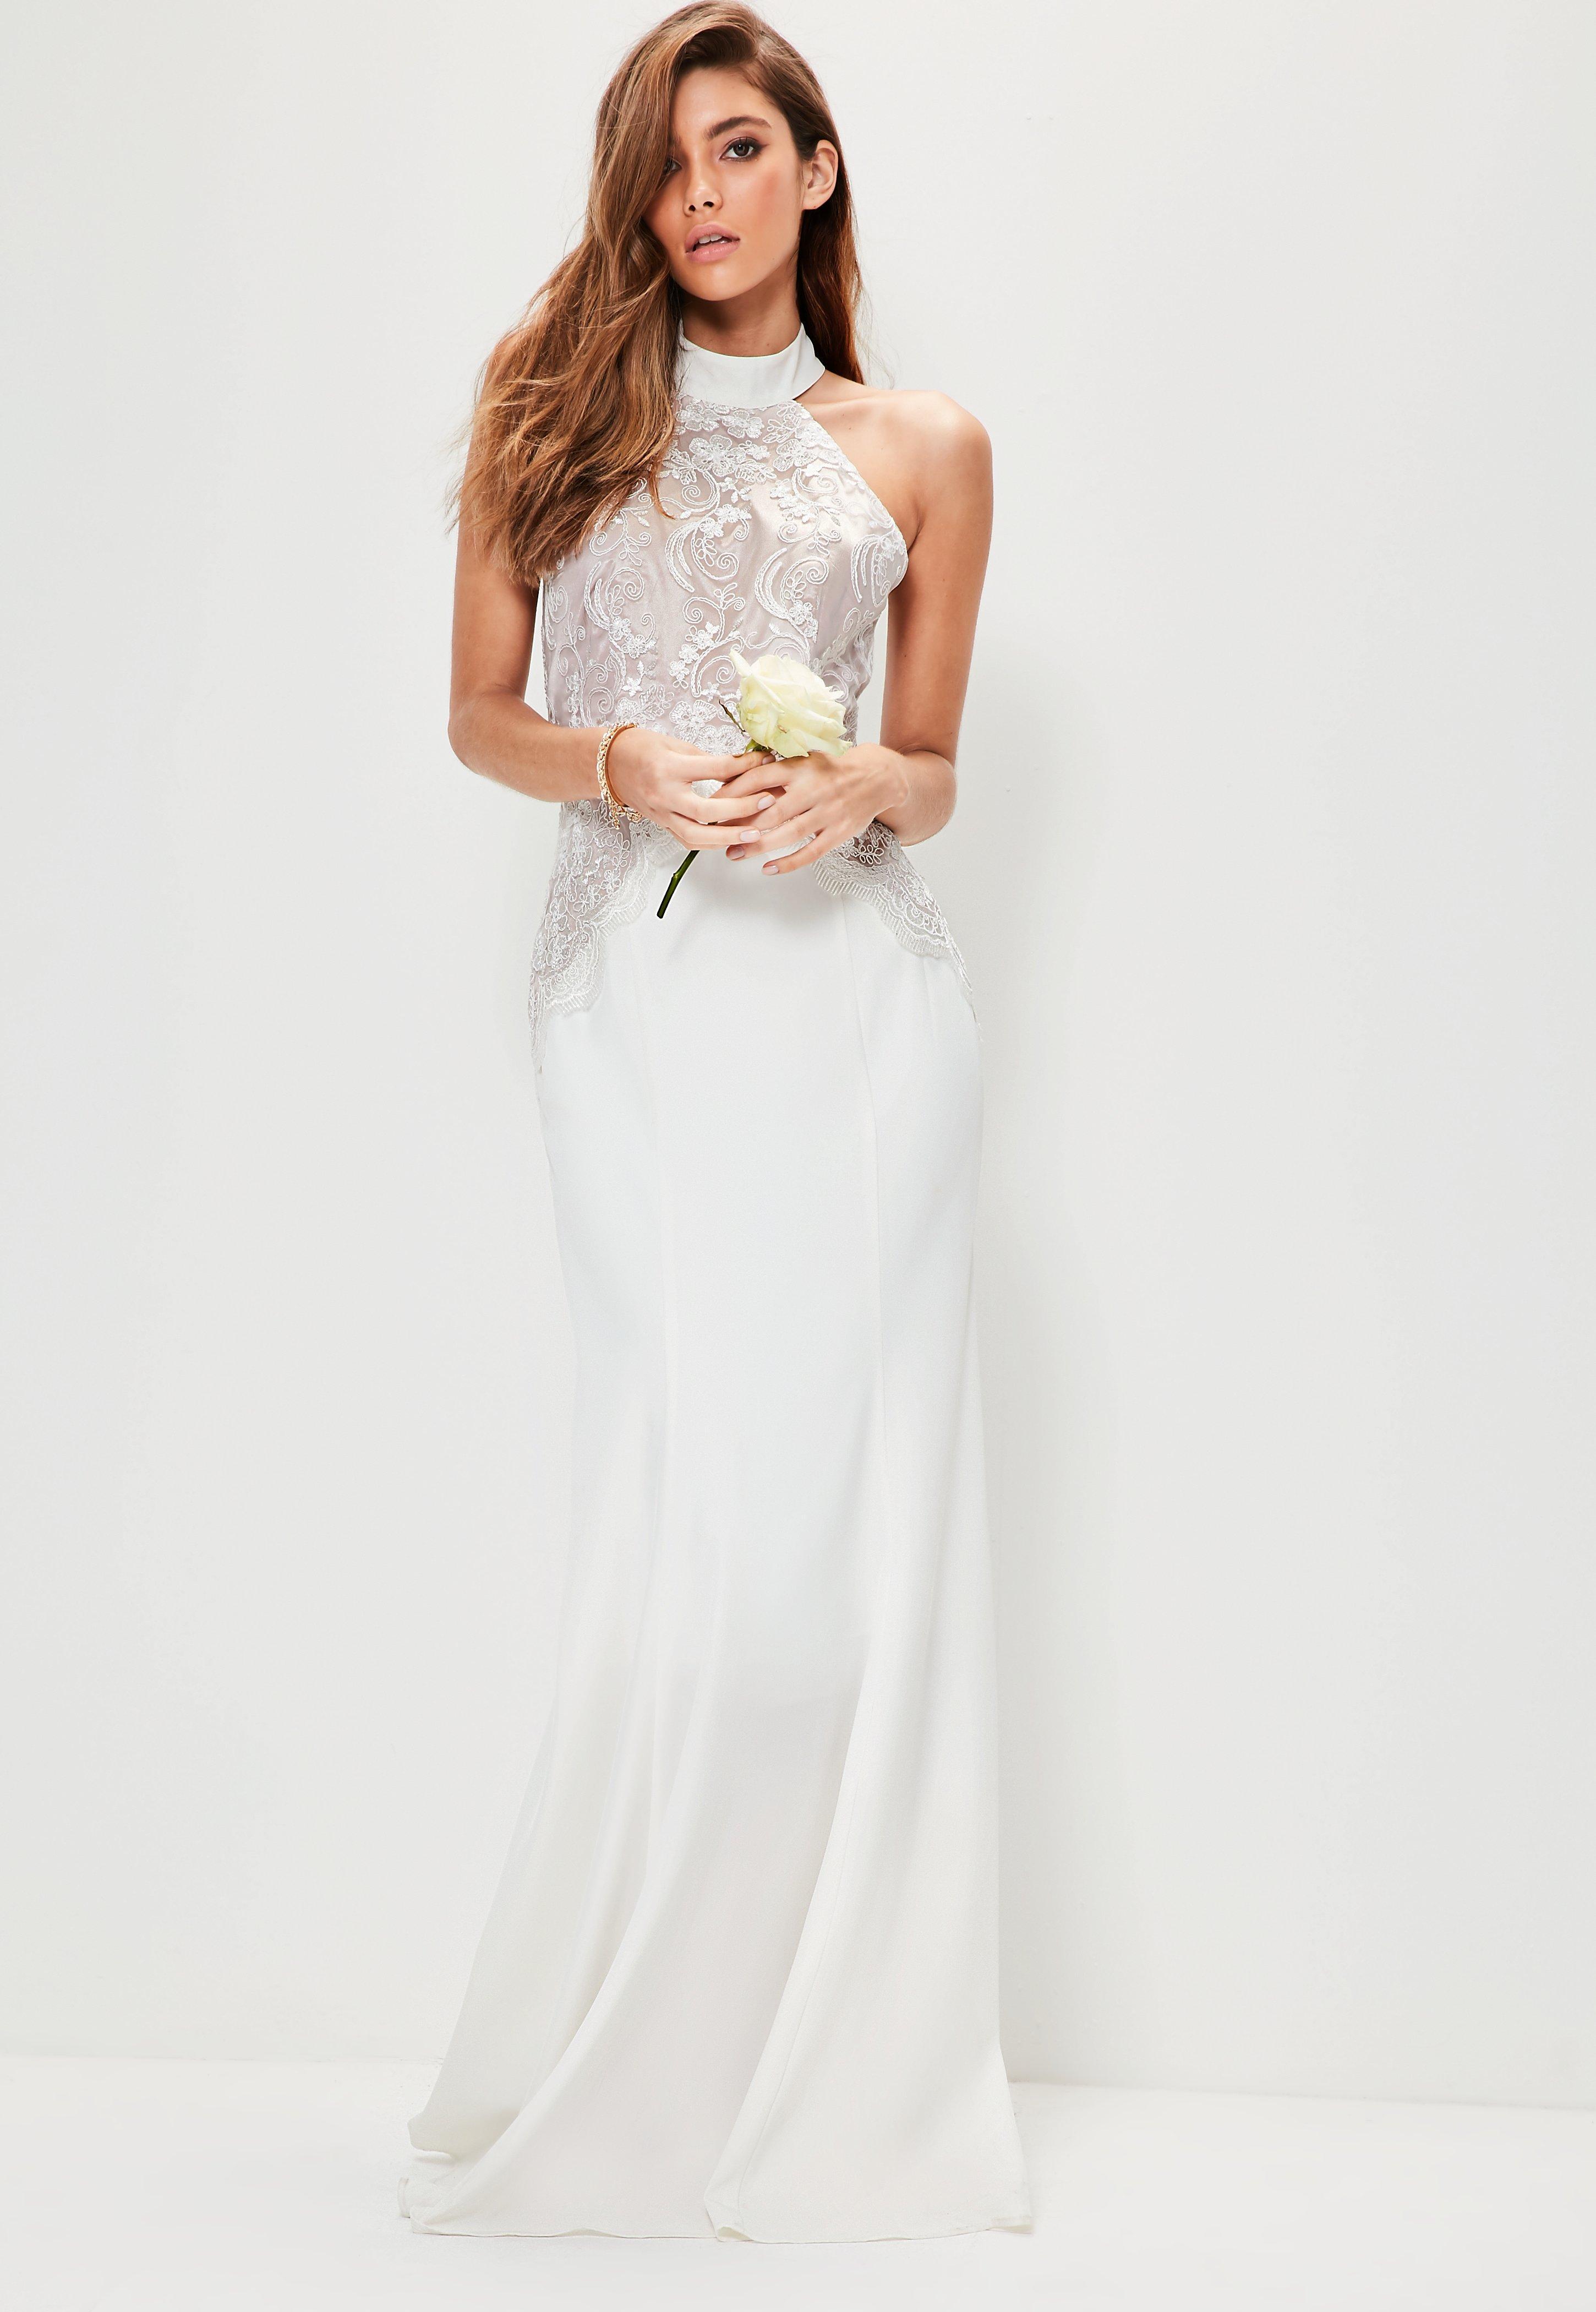 Hochzeitskleider Brautkleider & Brautbekleidung Missguided DE